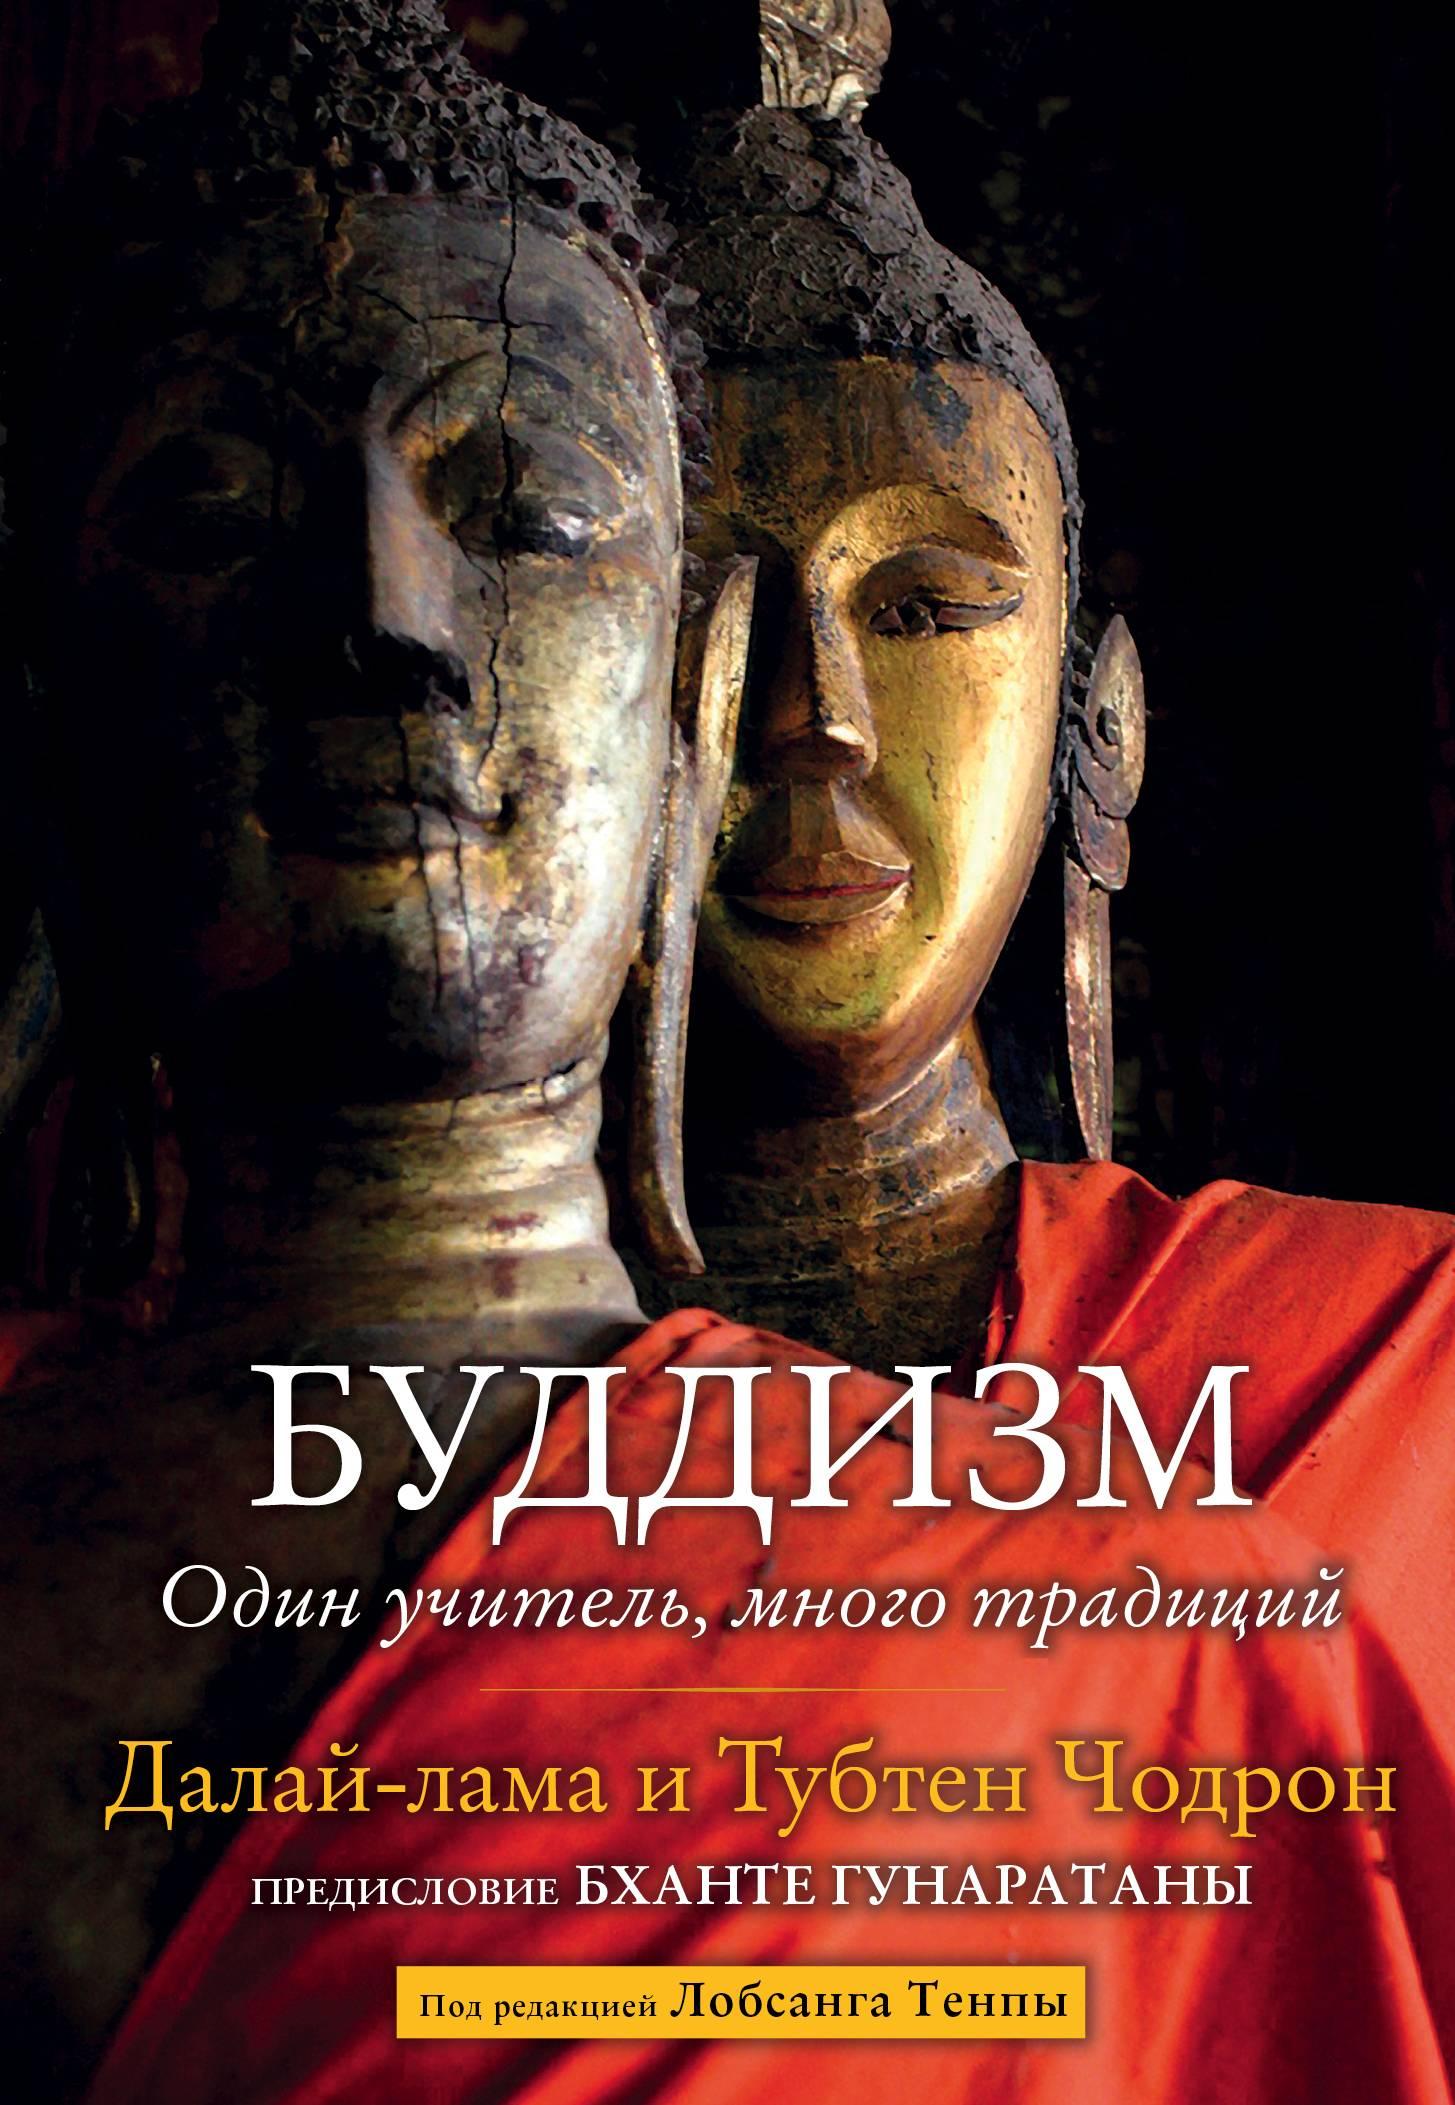 Психология: буддизм - бесплатные статьи по психологии в доме солнца